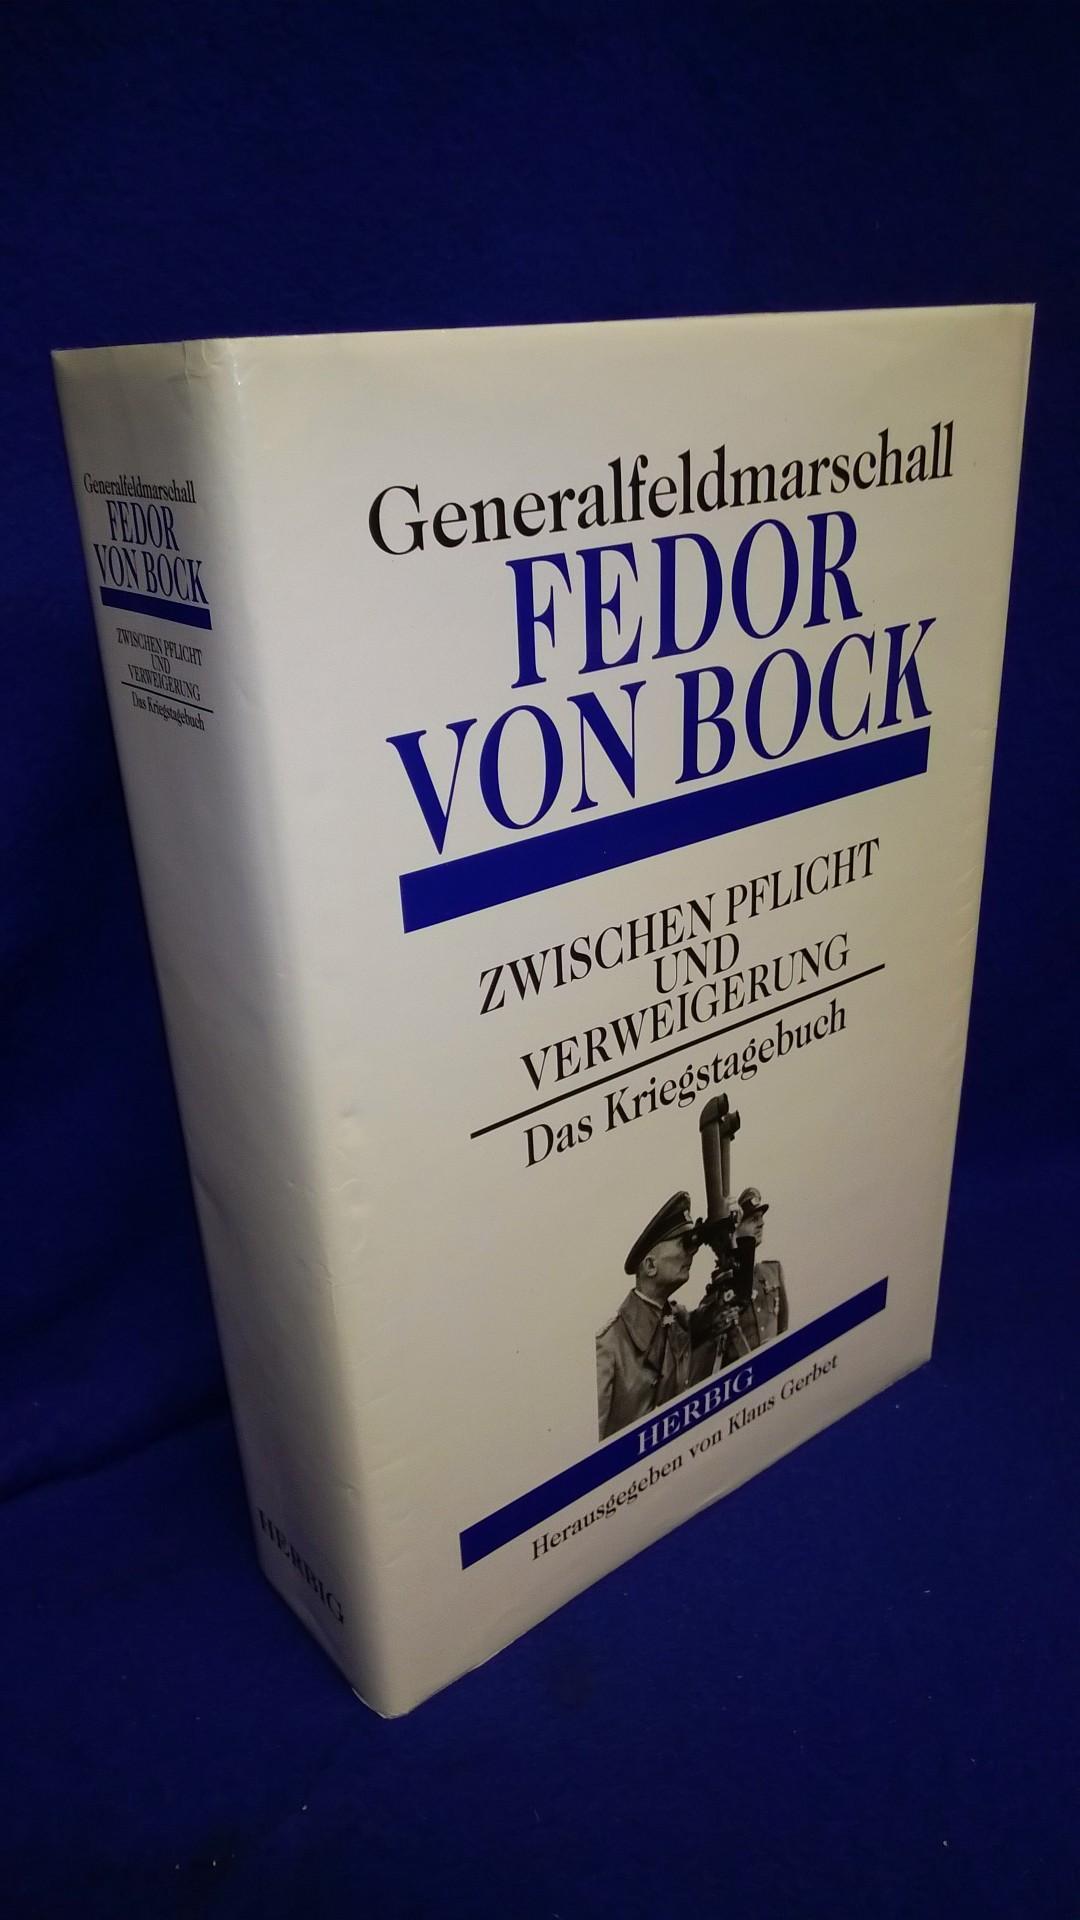 Generalfeldmarschall Fedor von Bock. Zwischen Pflicht und Verweigerung. Das Kriegstagebuch.